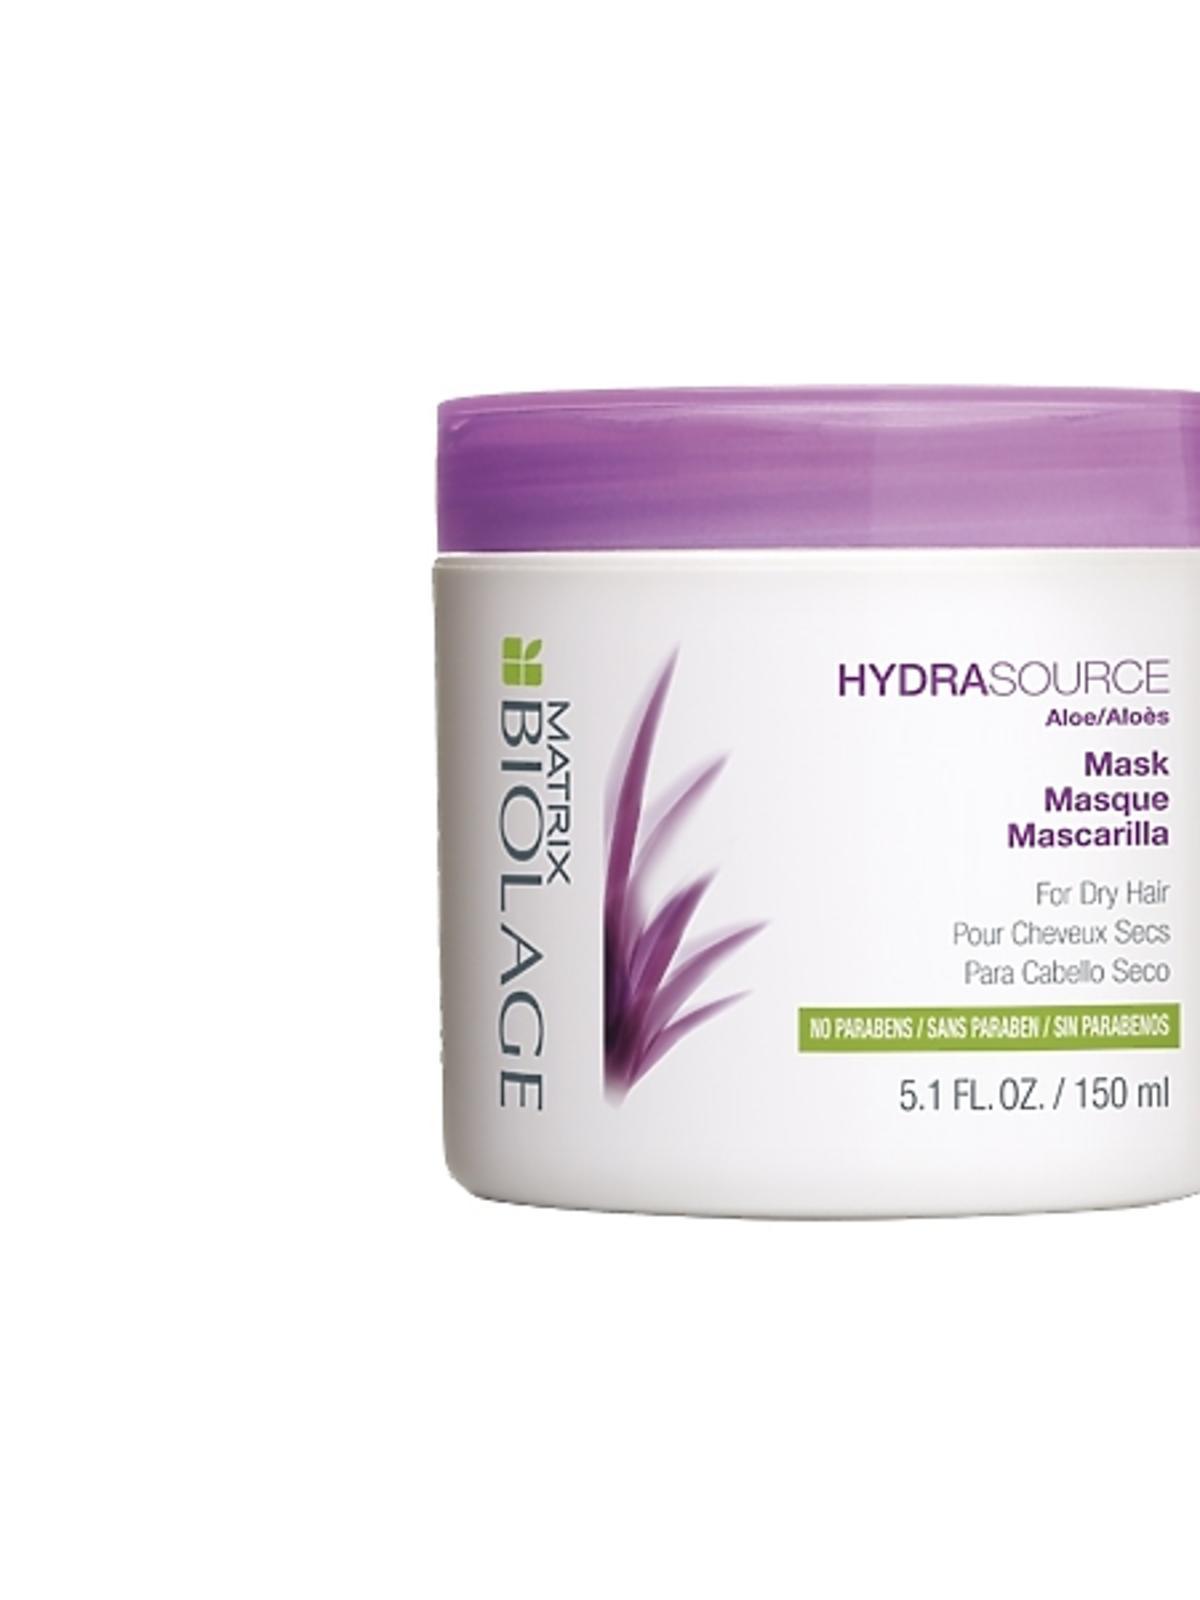 Matrix Biolage Hydrasource, maska nawilżająca, cena